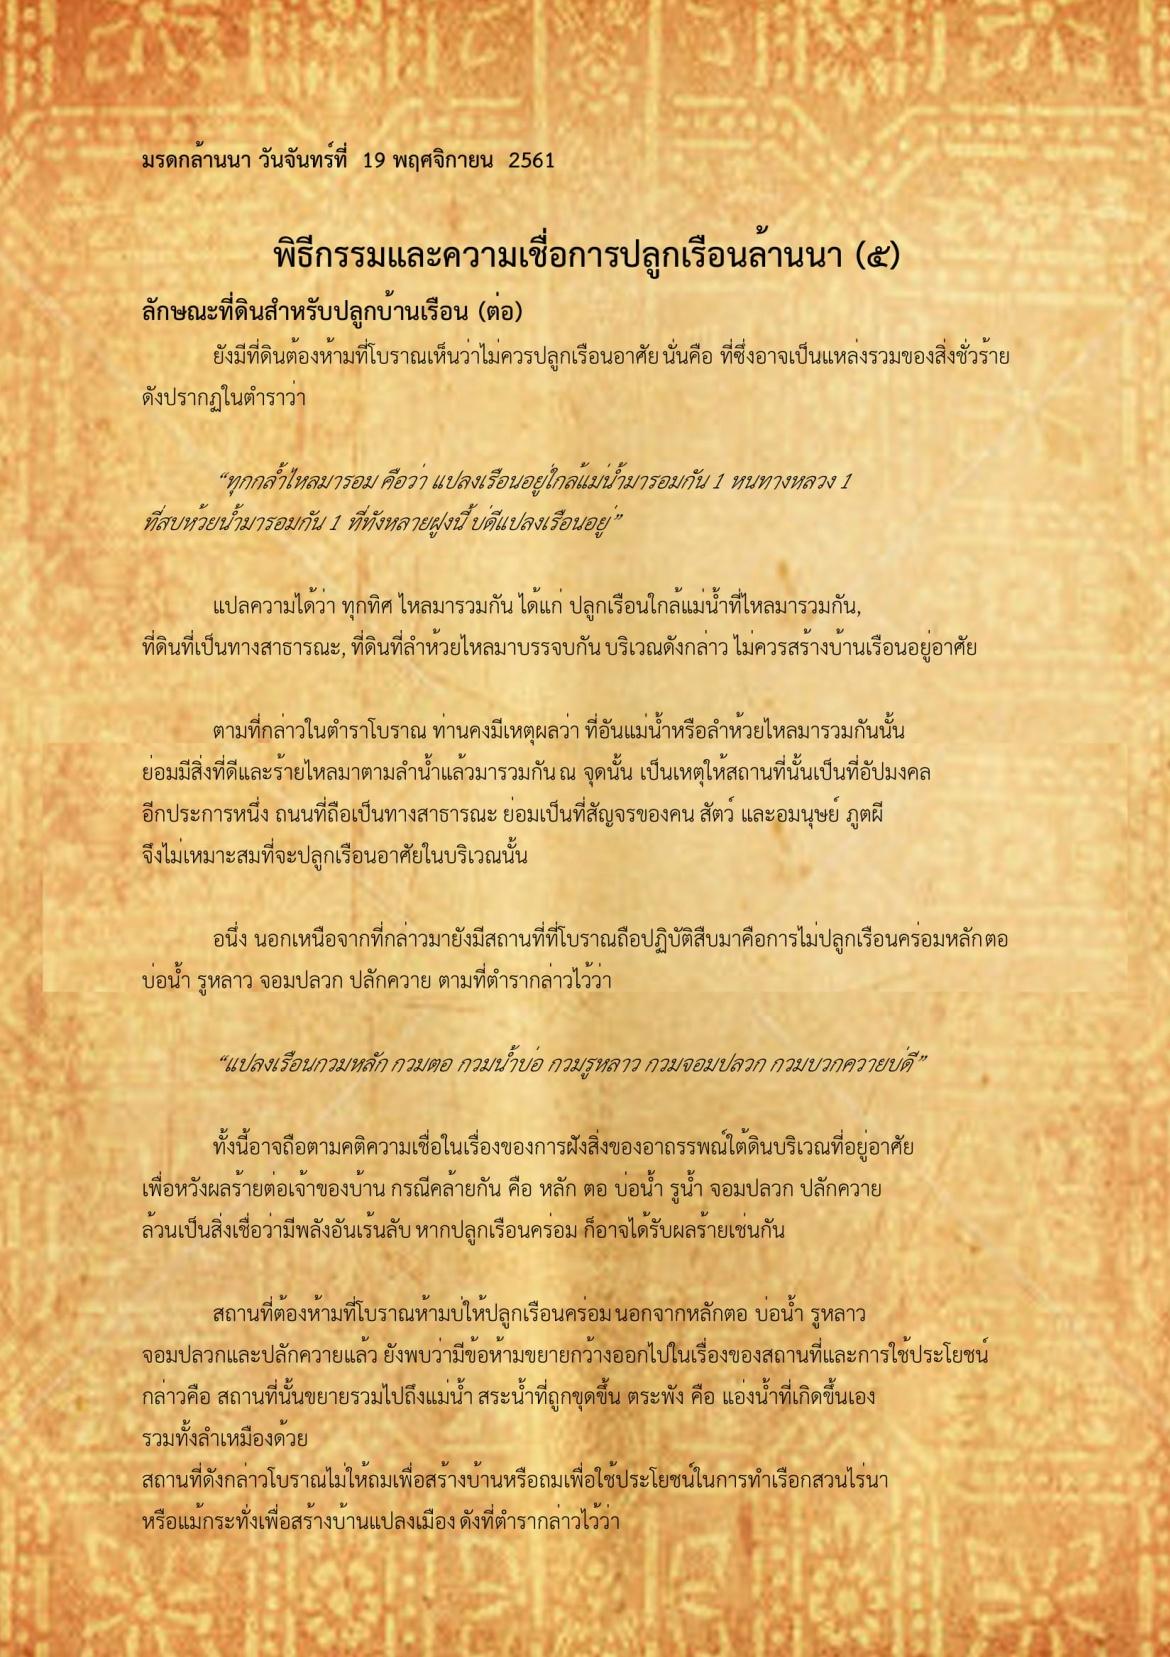 พิธีกรรมและความเชื่อการปลุกเรือนล้านนา(5) - 19 พฤศจิกายน 2561